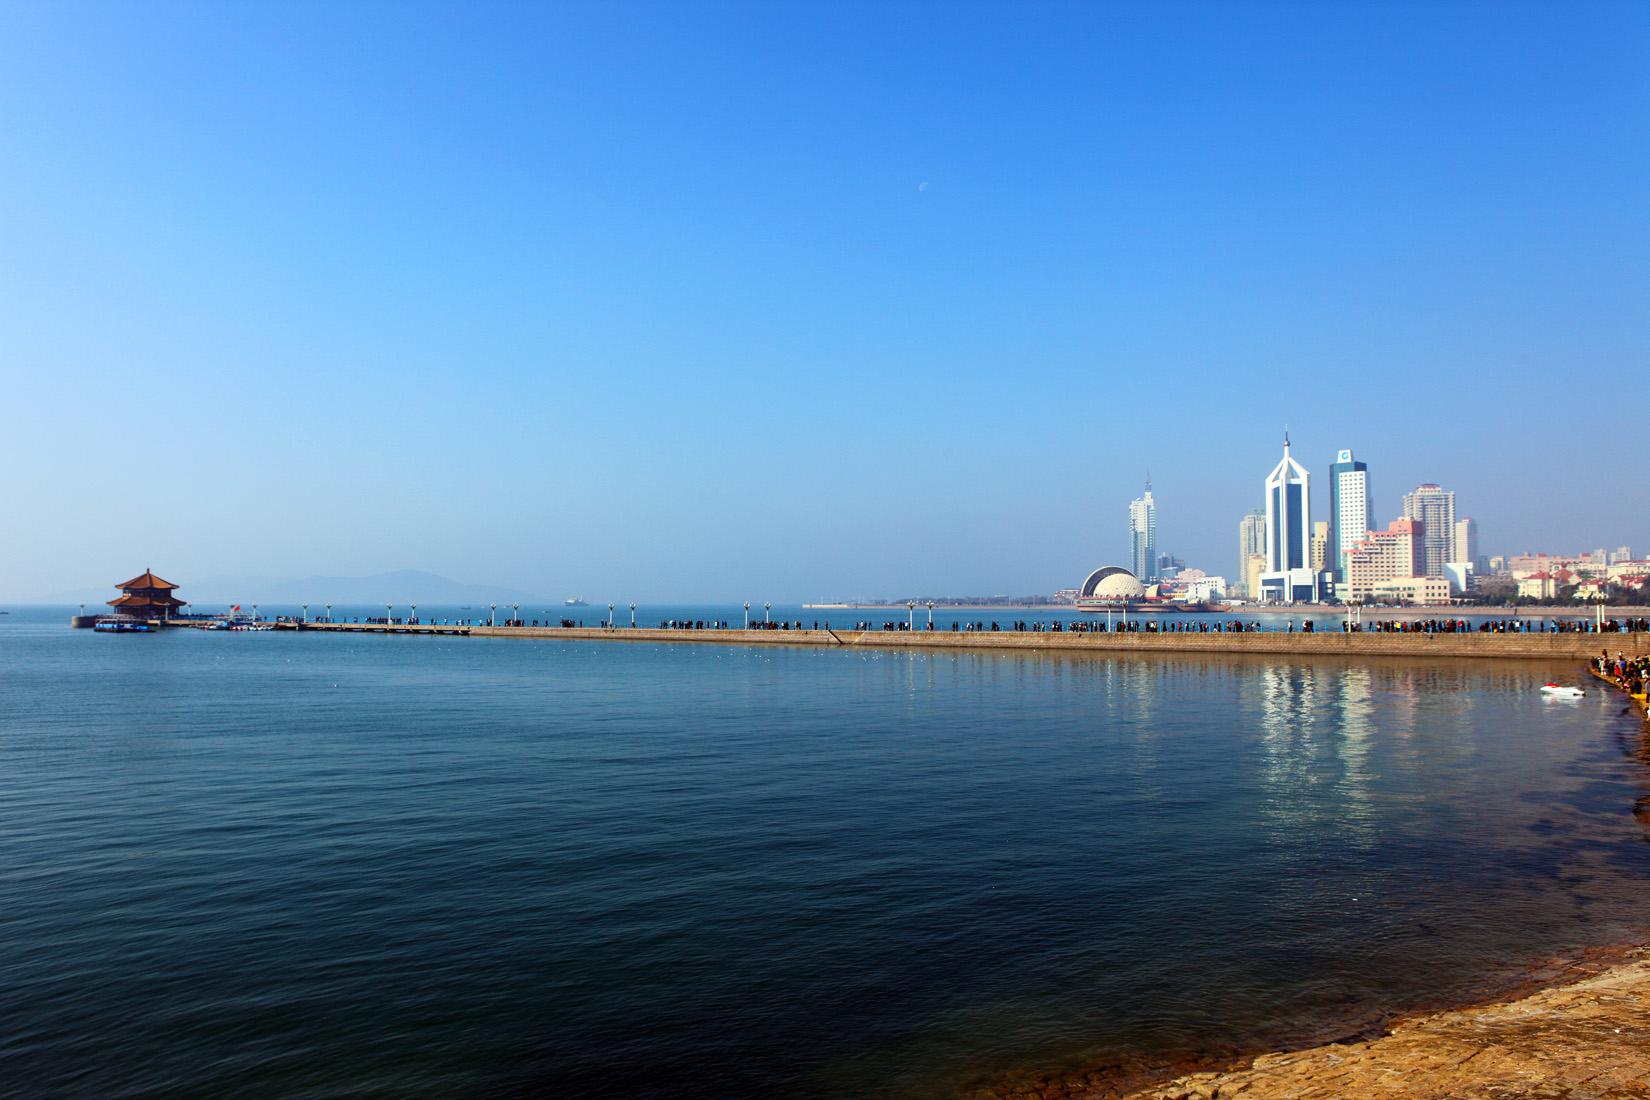 赠送两大海水浴场 金沙滩海水浴场 烟台国际海水浴场,让您尽情享受